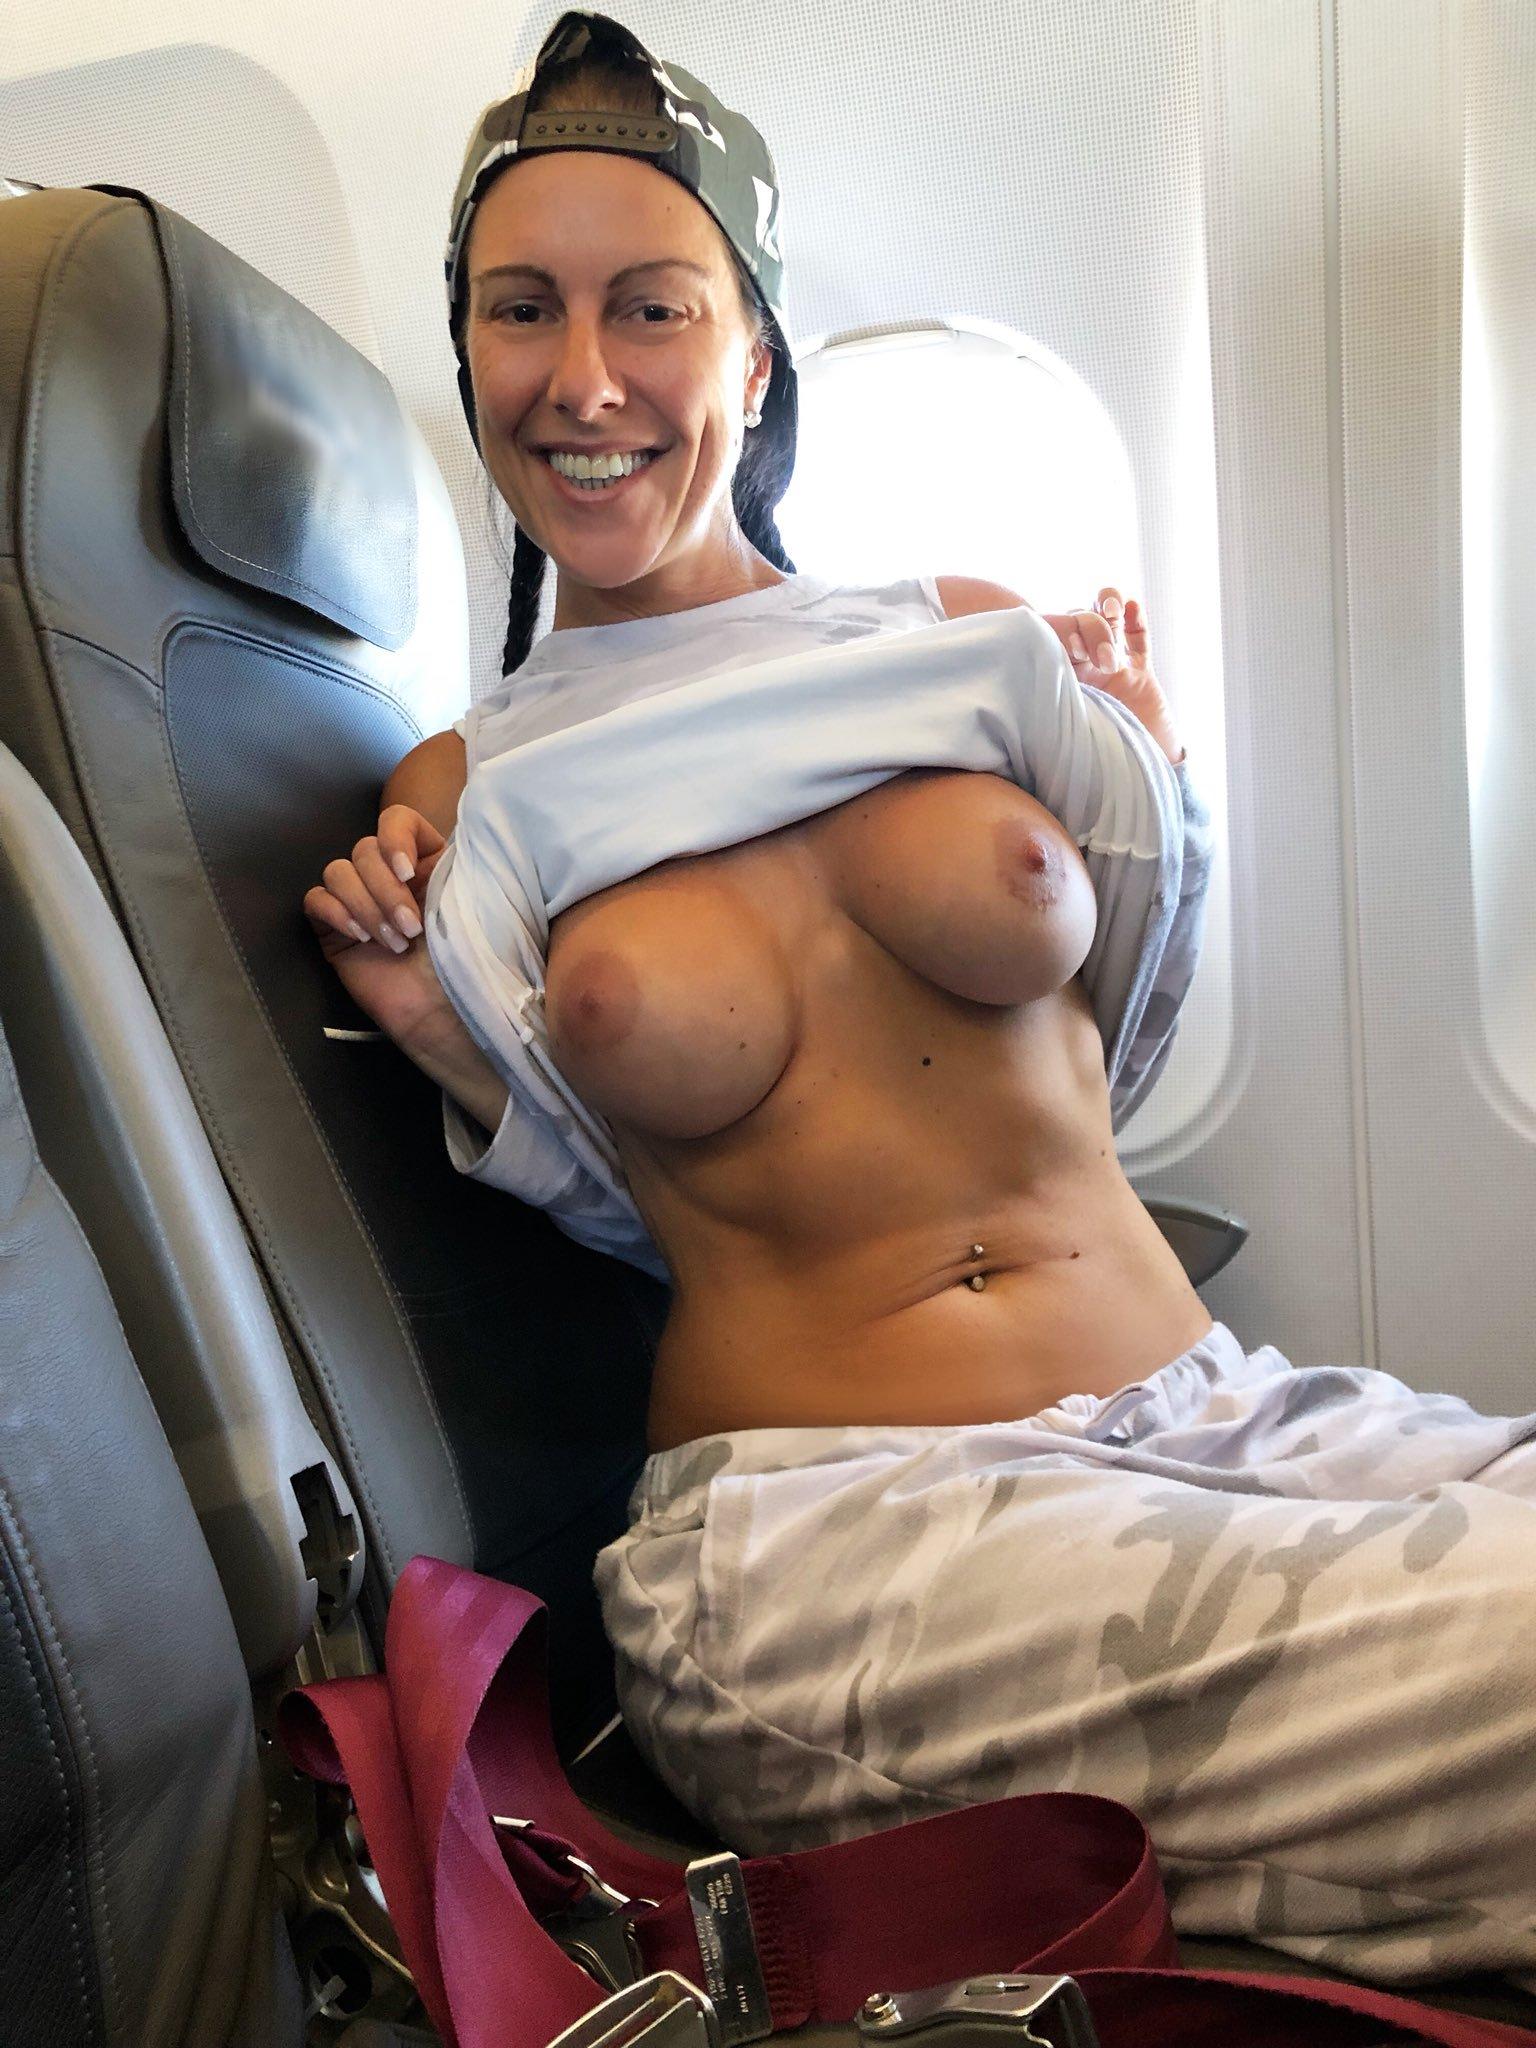 飛行機内で露出する変態外国人エロ画像・30枚目